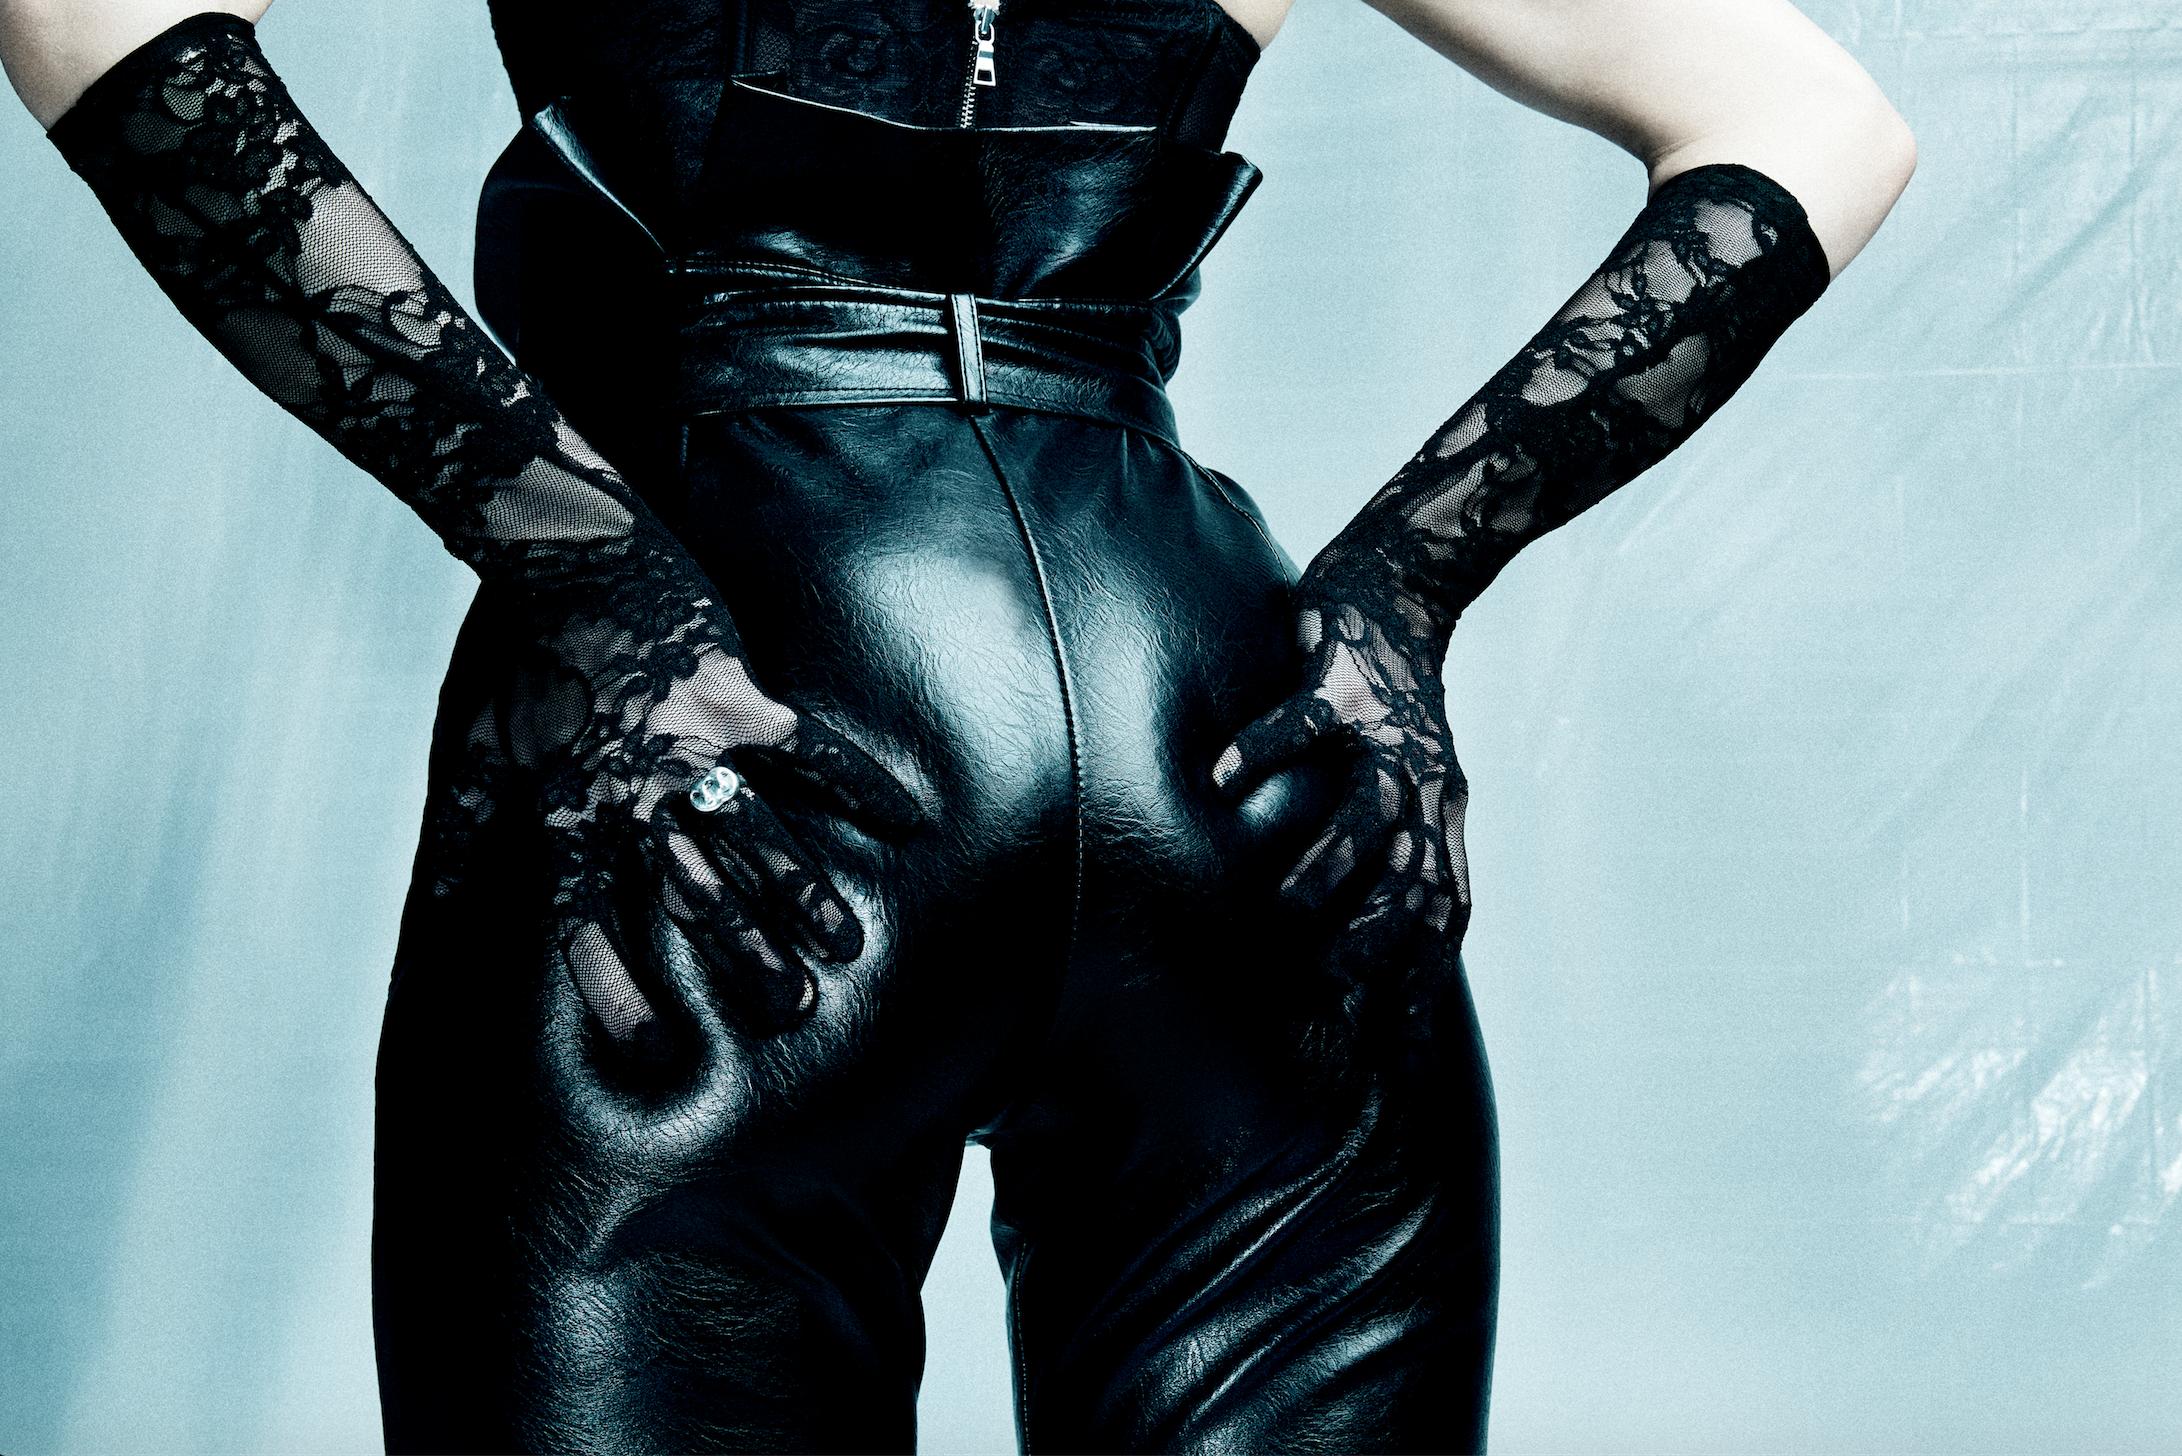 nyc-dominatrix-mistrix-sade-bdsm-mistress.png